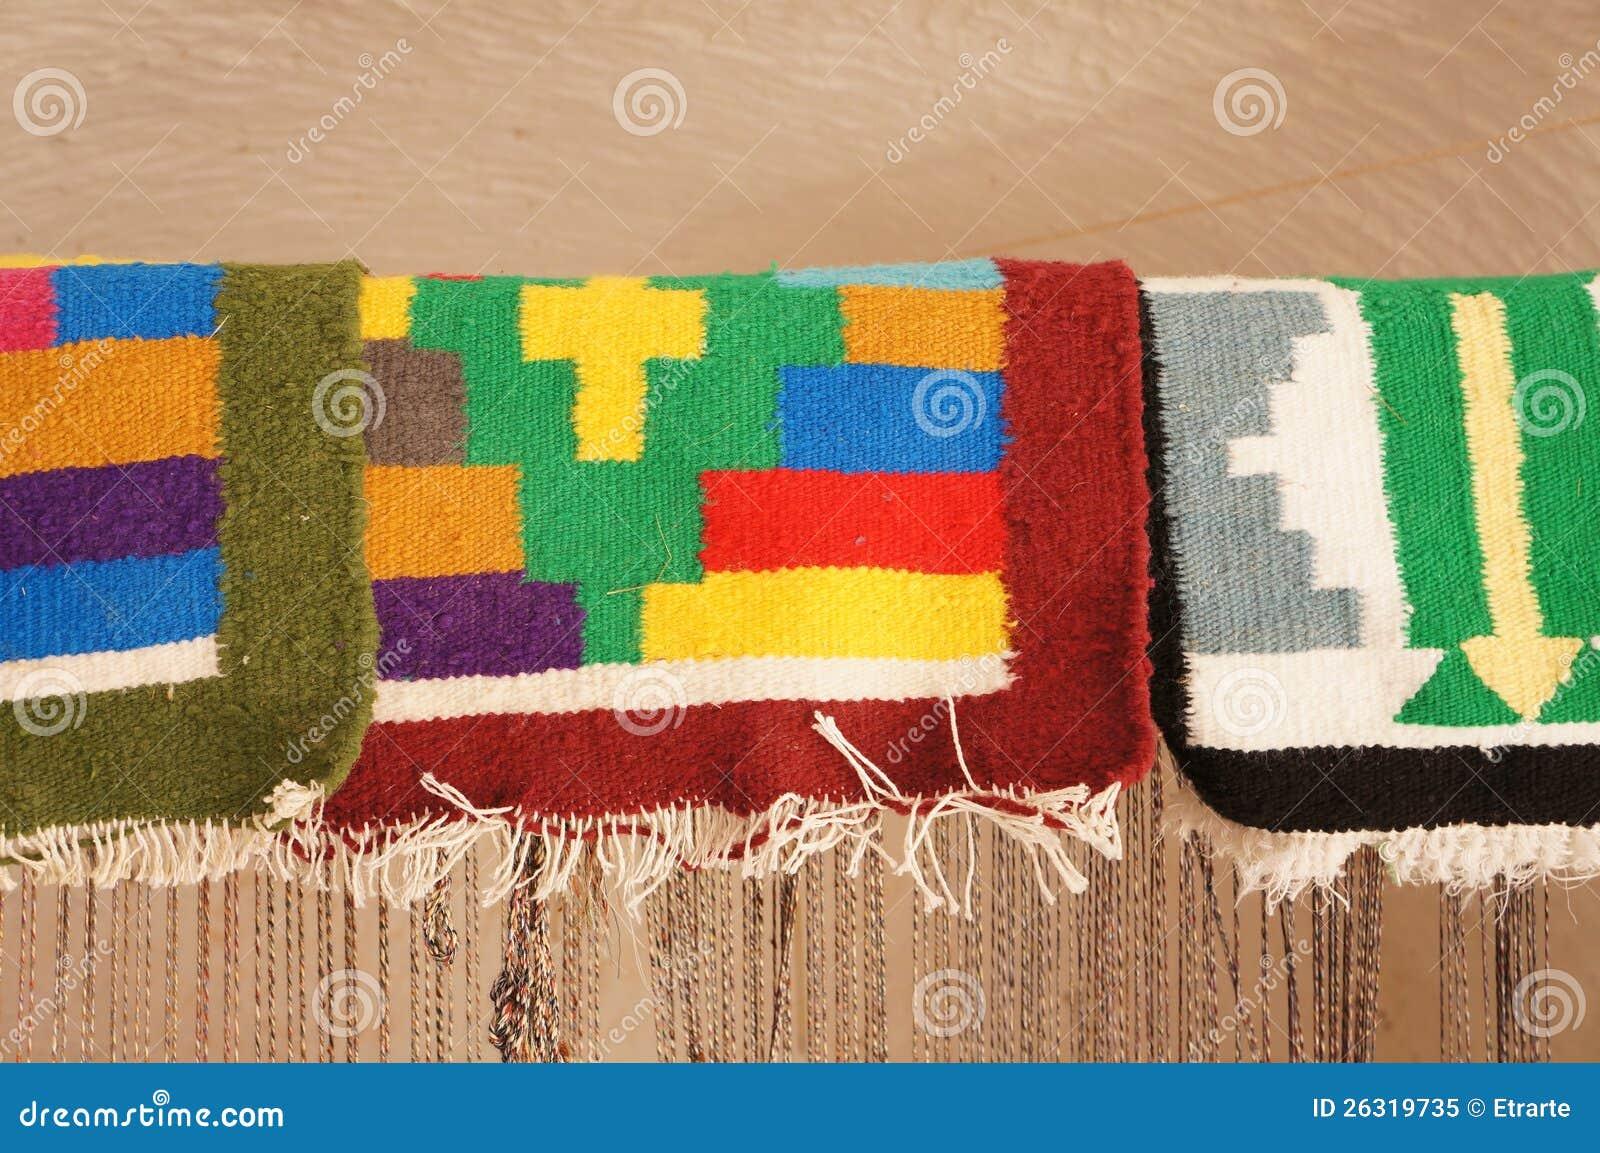 tunesische bunte teppiche lizenzfreies stockfoto bild 26319735. Black Bedroom Furniture Sets. Home Design Ideas